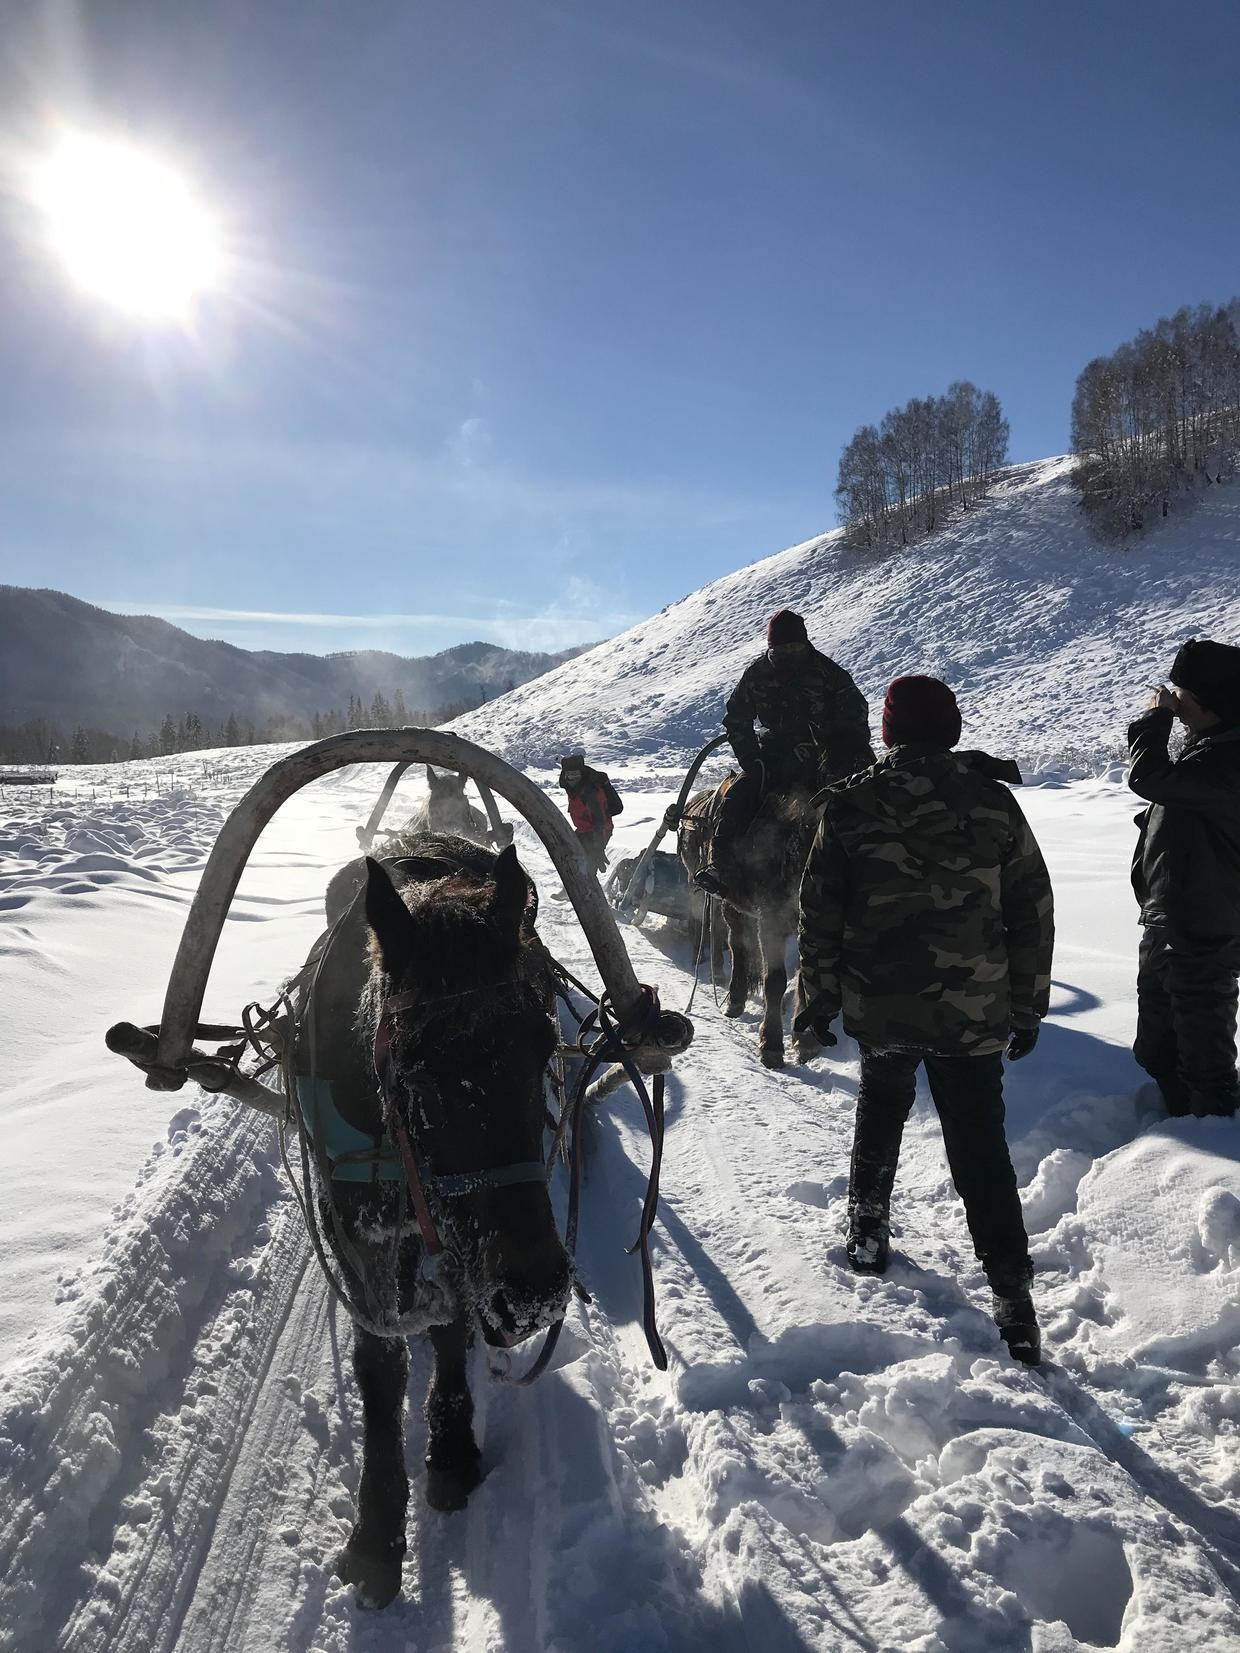 天堂很远,喀纳斯很近!新疆包车越野车7天轻奢冰雪之旅?